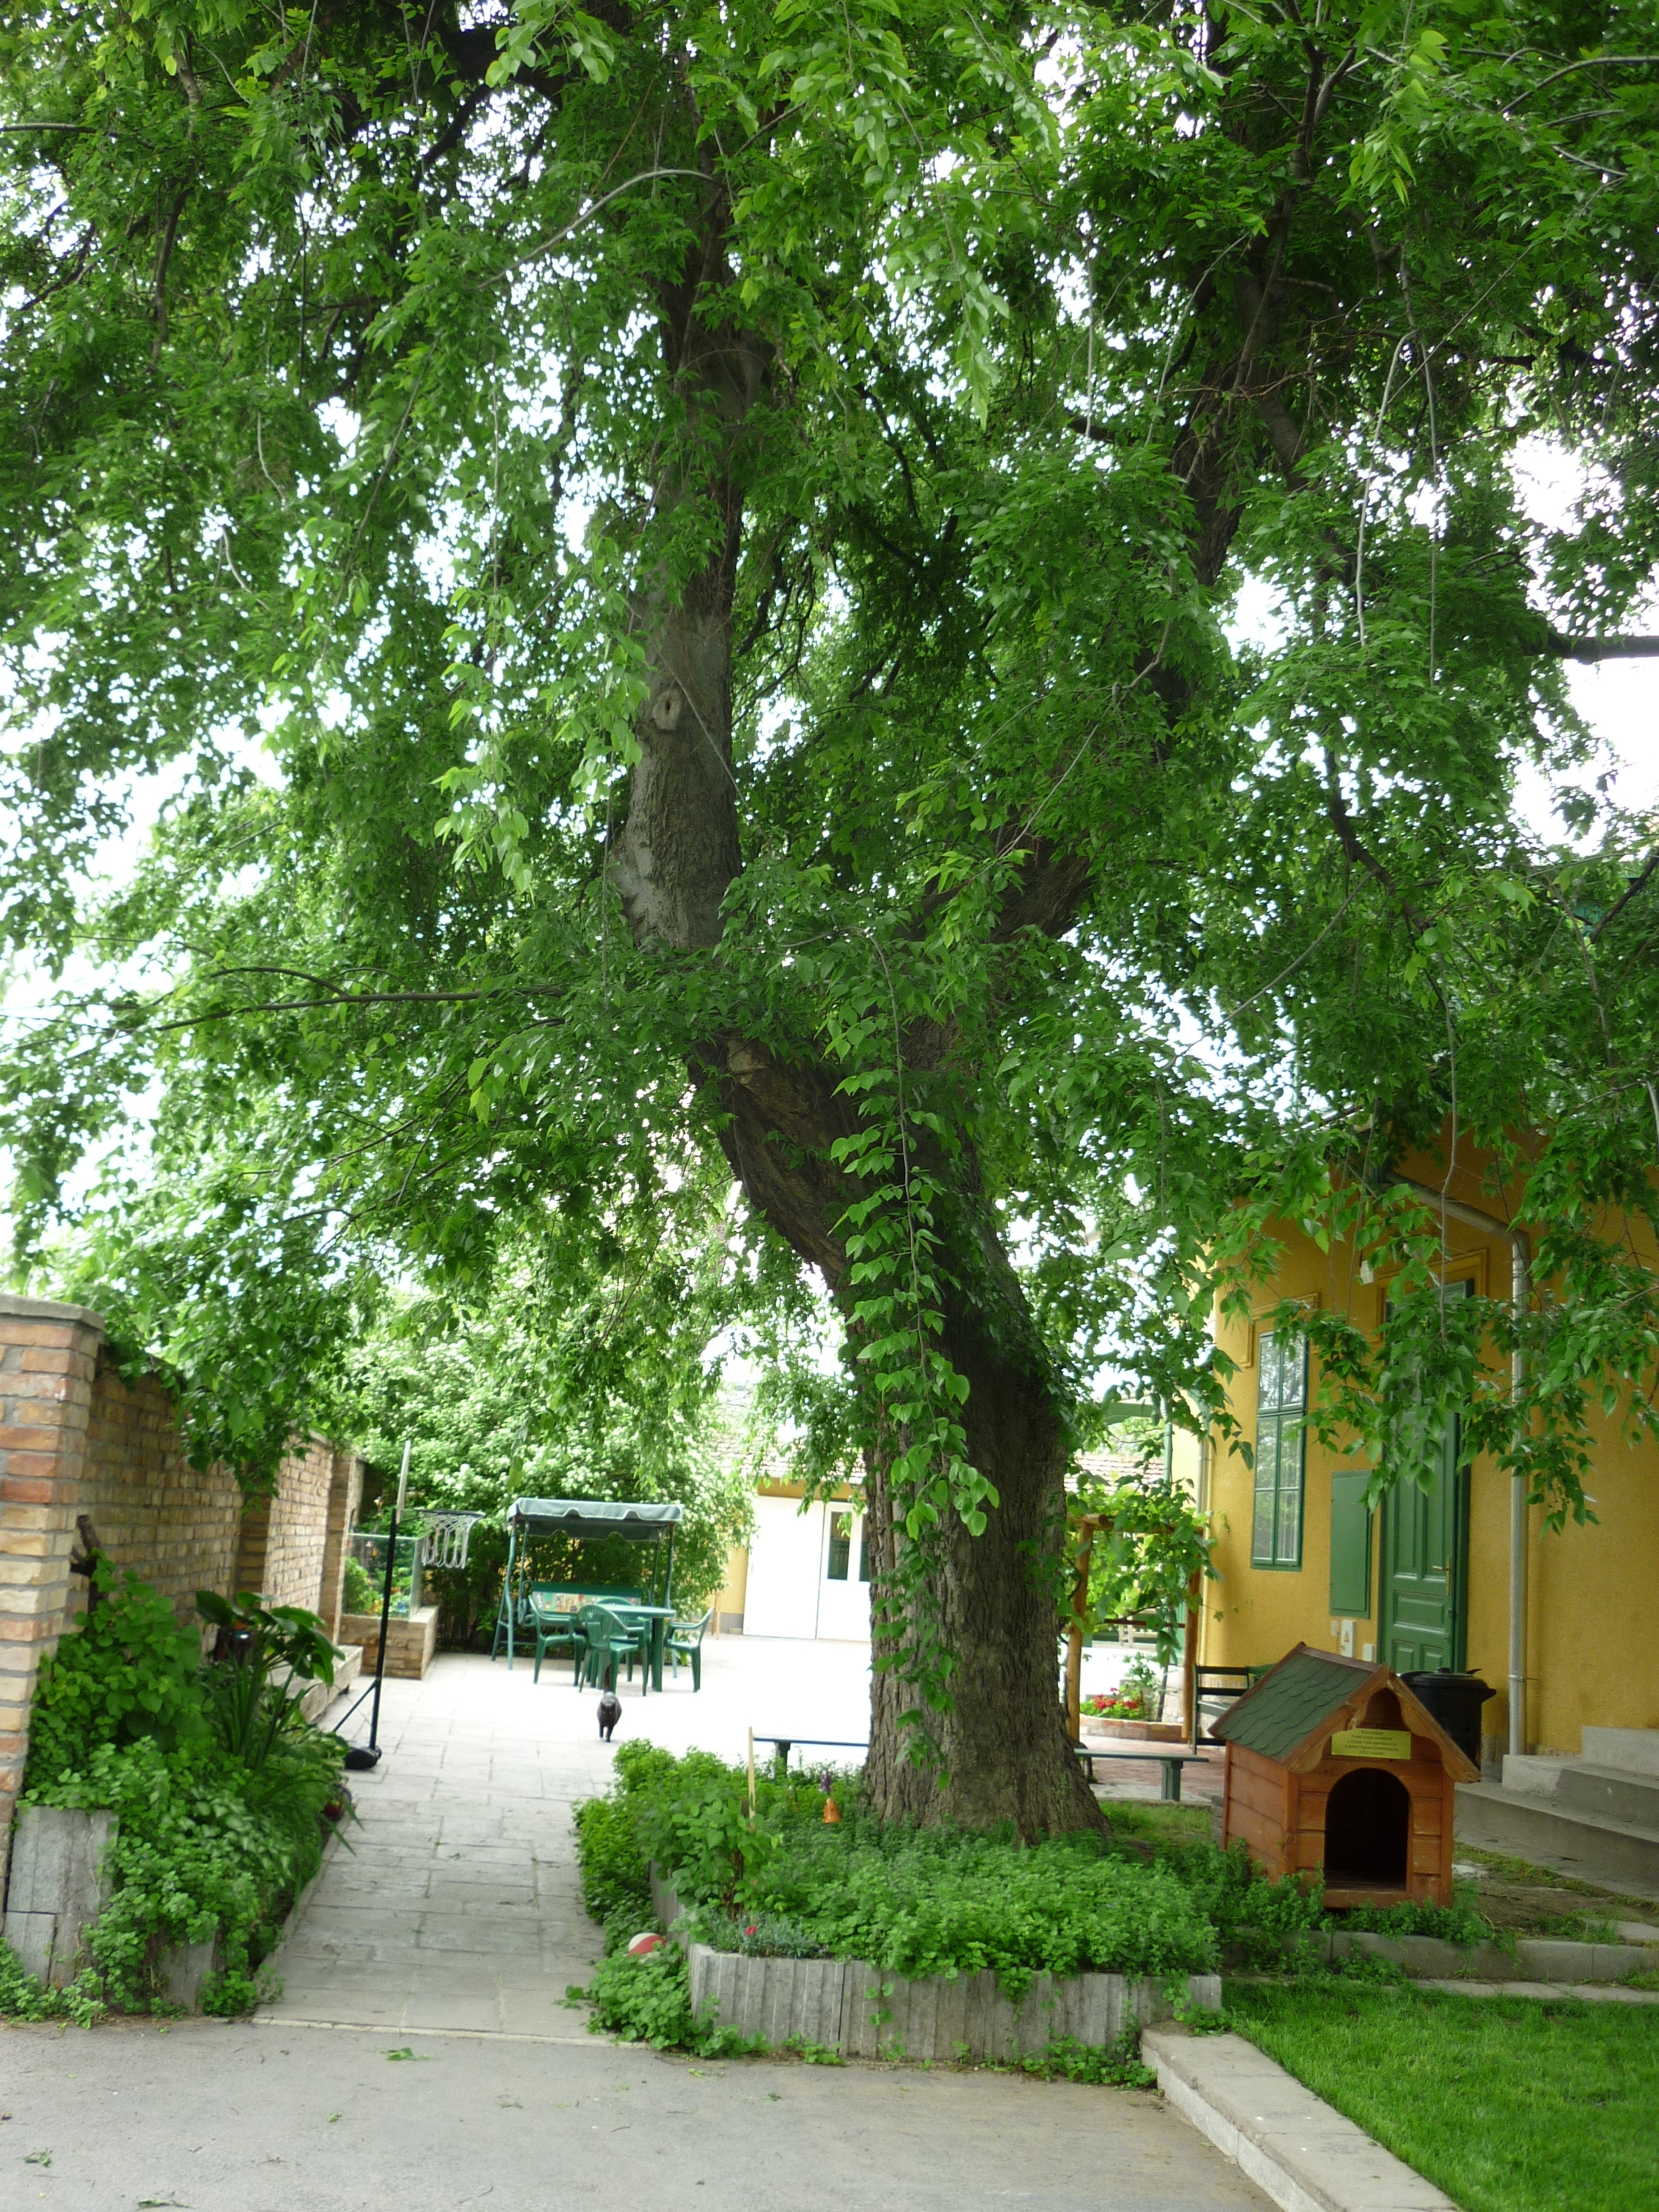 Ostrom a fa alatt – az ostorfa, amiről Frakk megpróbálta lehozni Szerénkét és Lukréciát